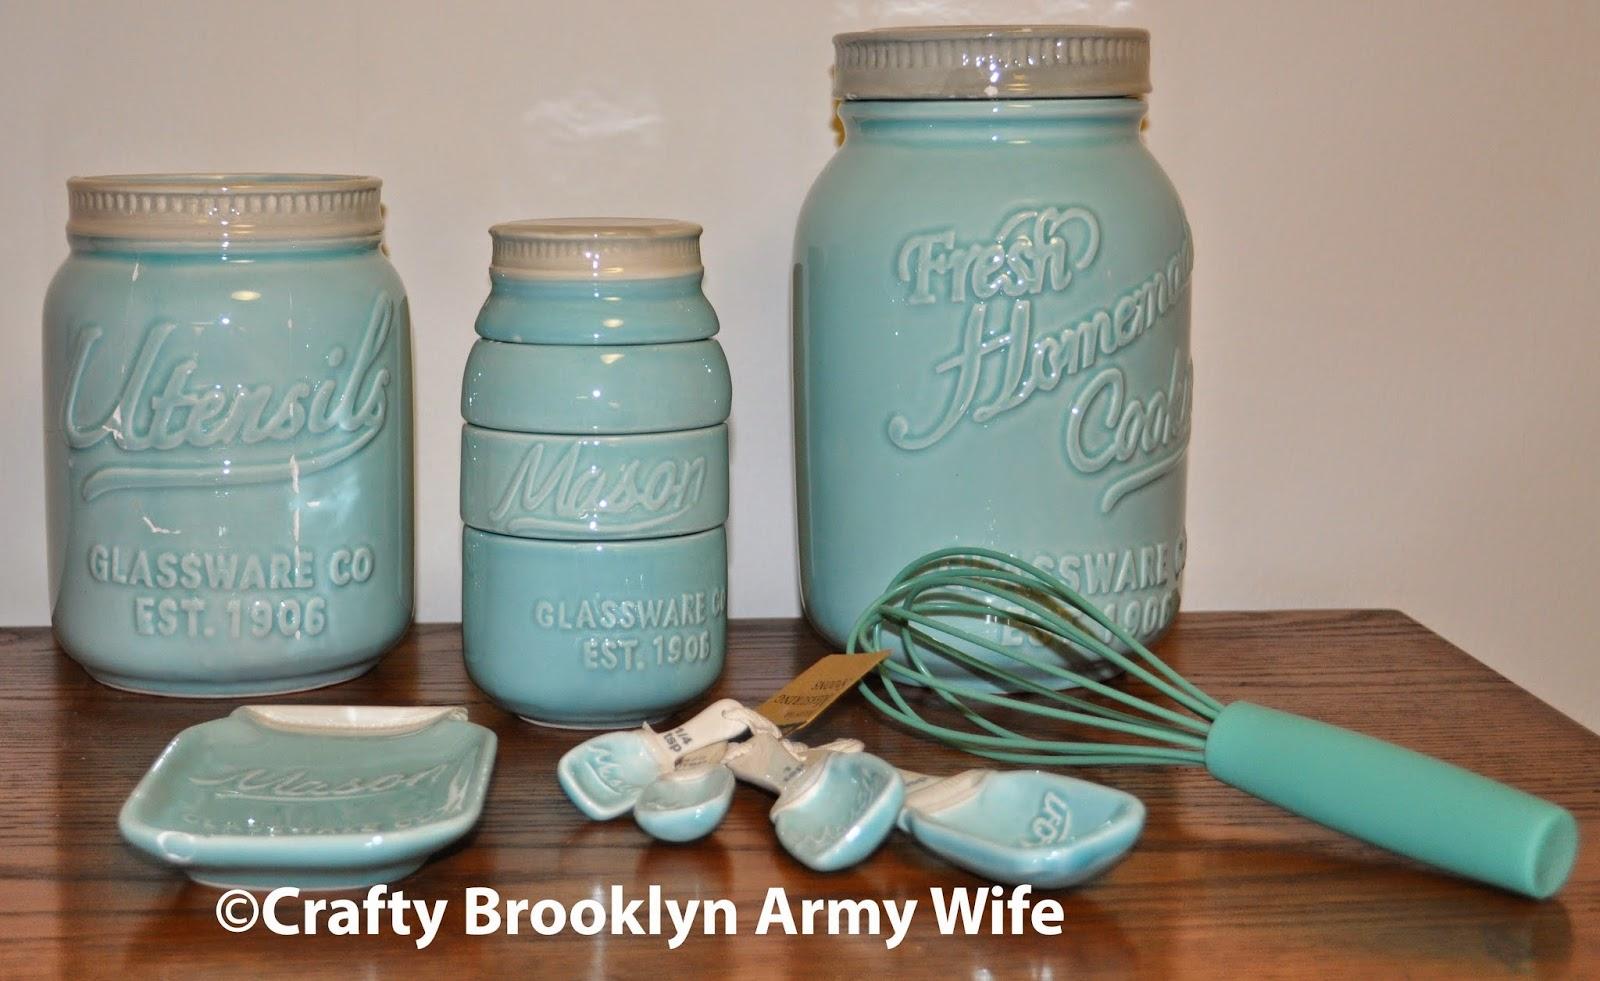 Crafty Brooklyn Army Wife I Won the World Market Mason